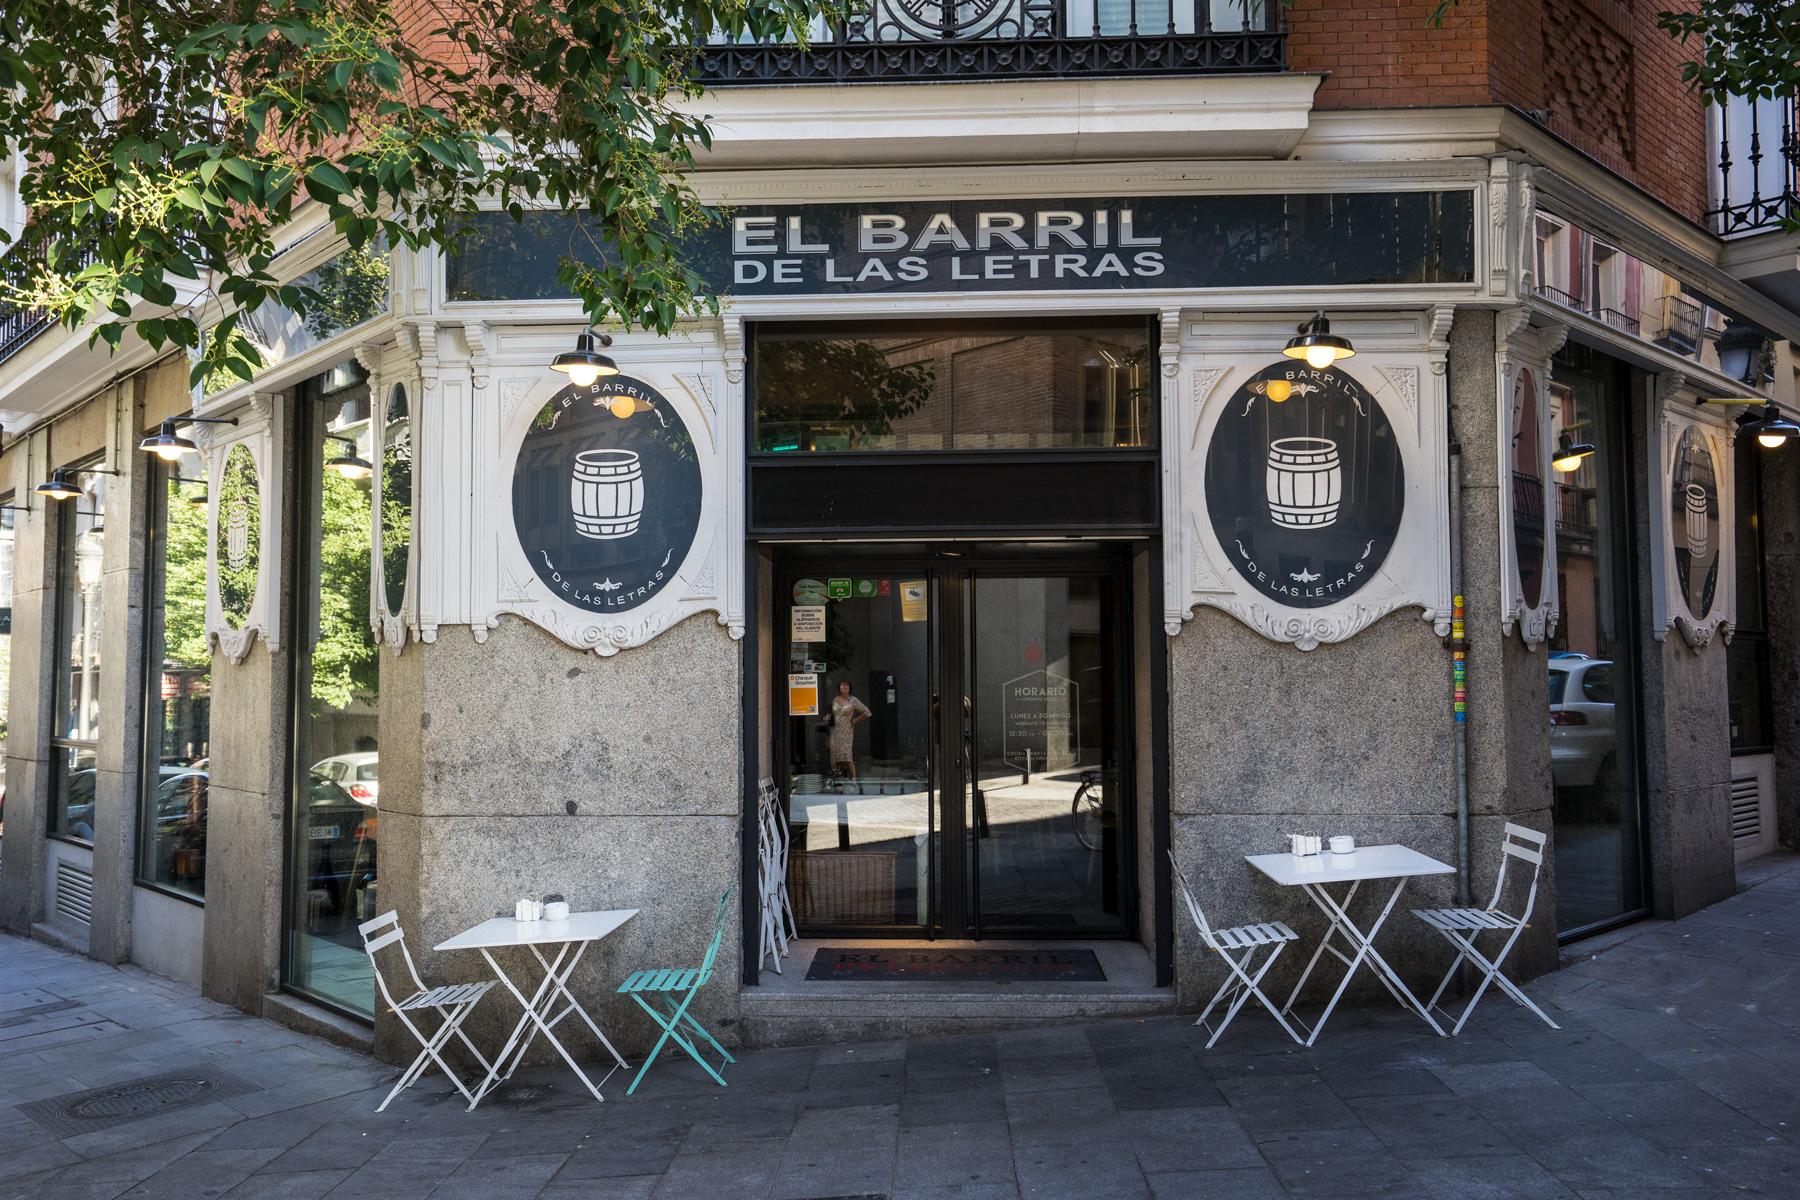 Spanien_Madrid_El-Barril-de-las-Letras_Fastad